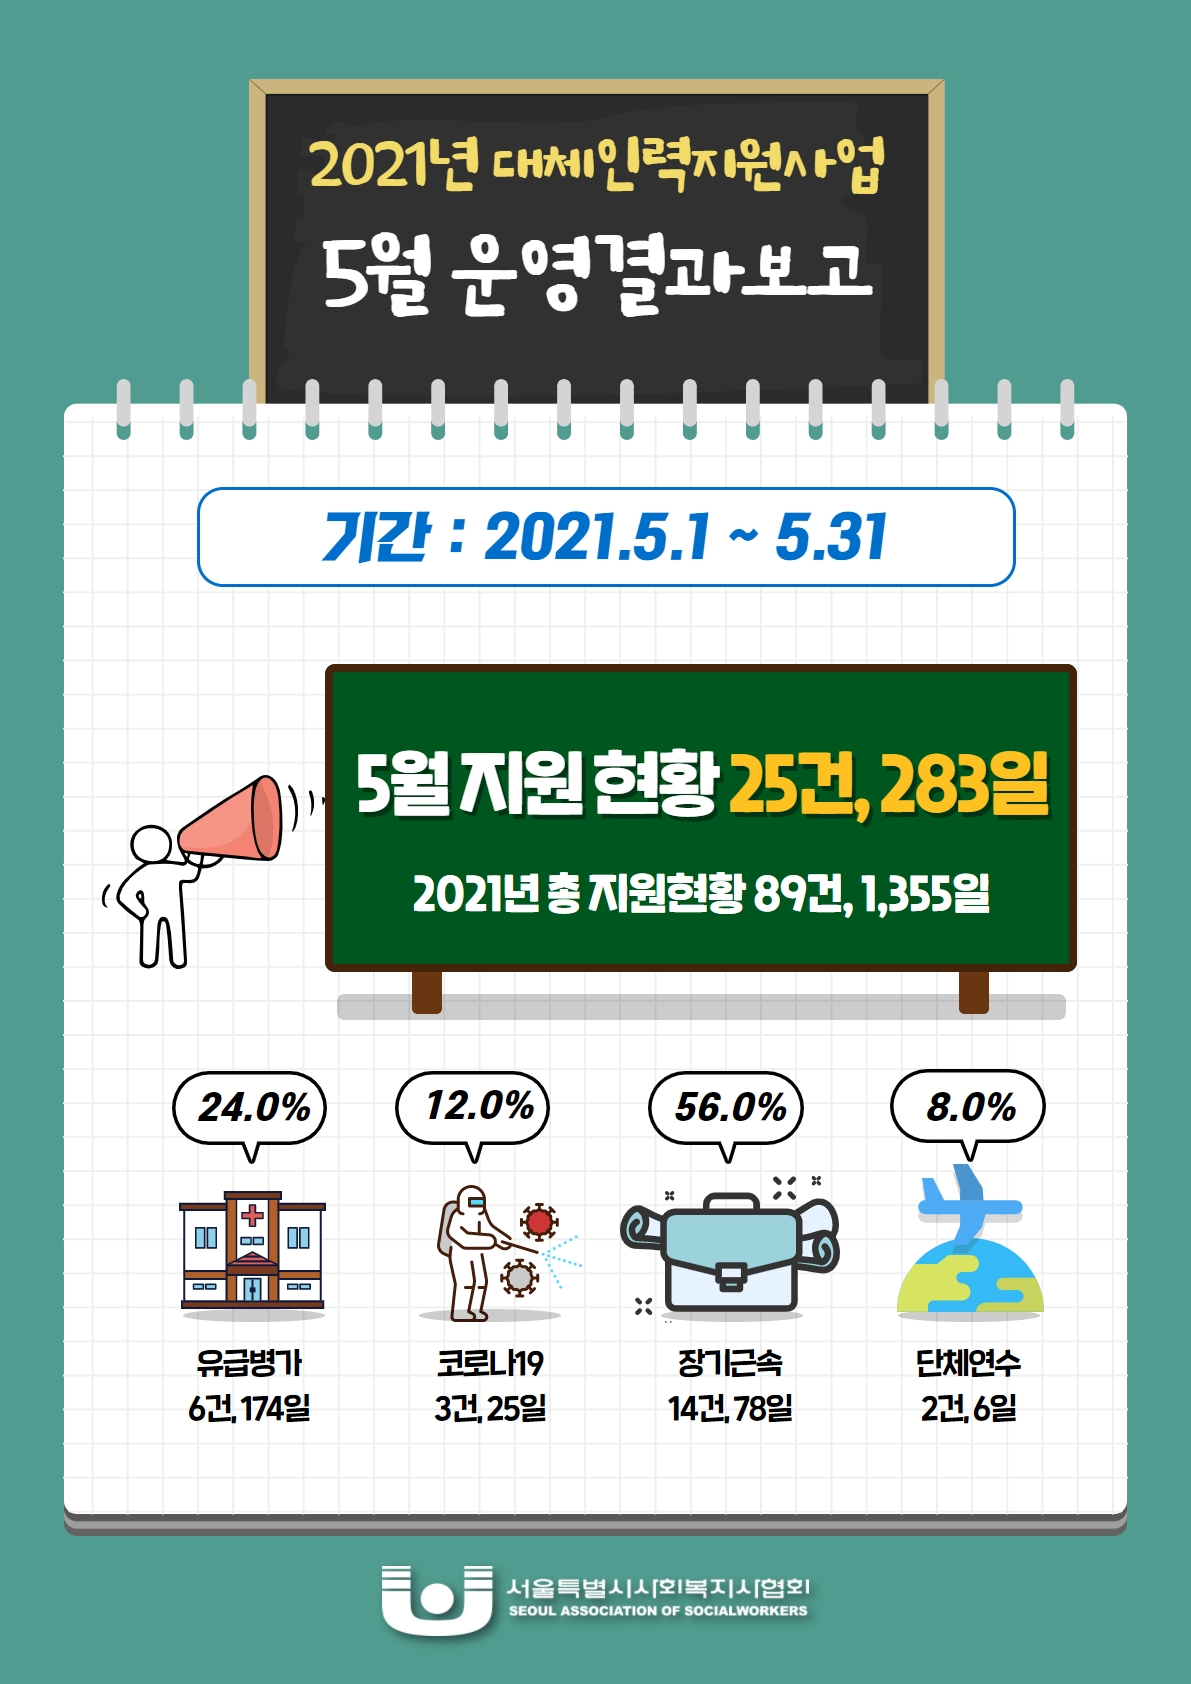 대체인력지원사업 5월 운영결과.jpg